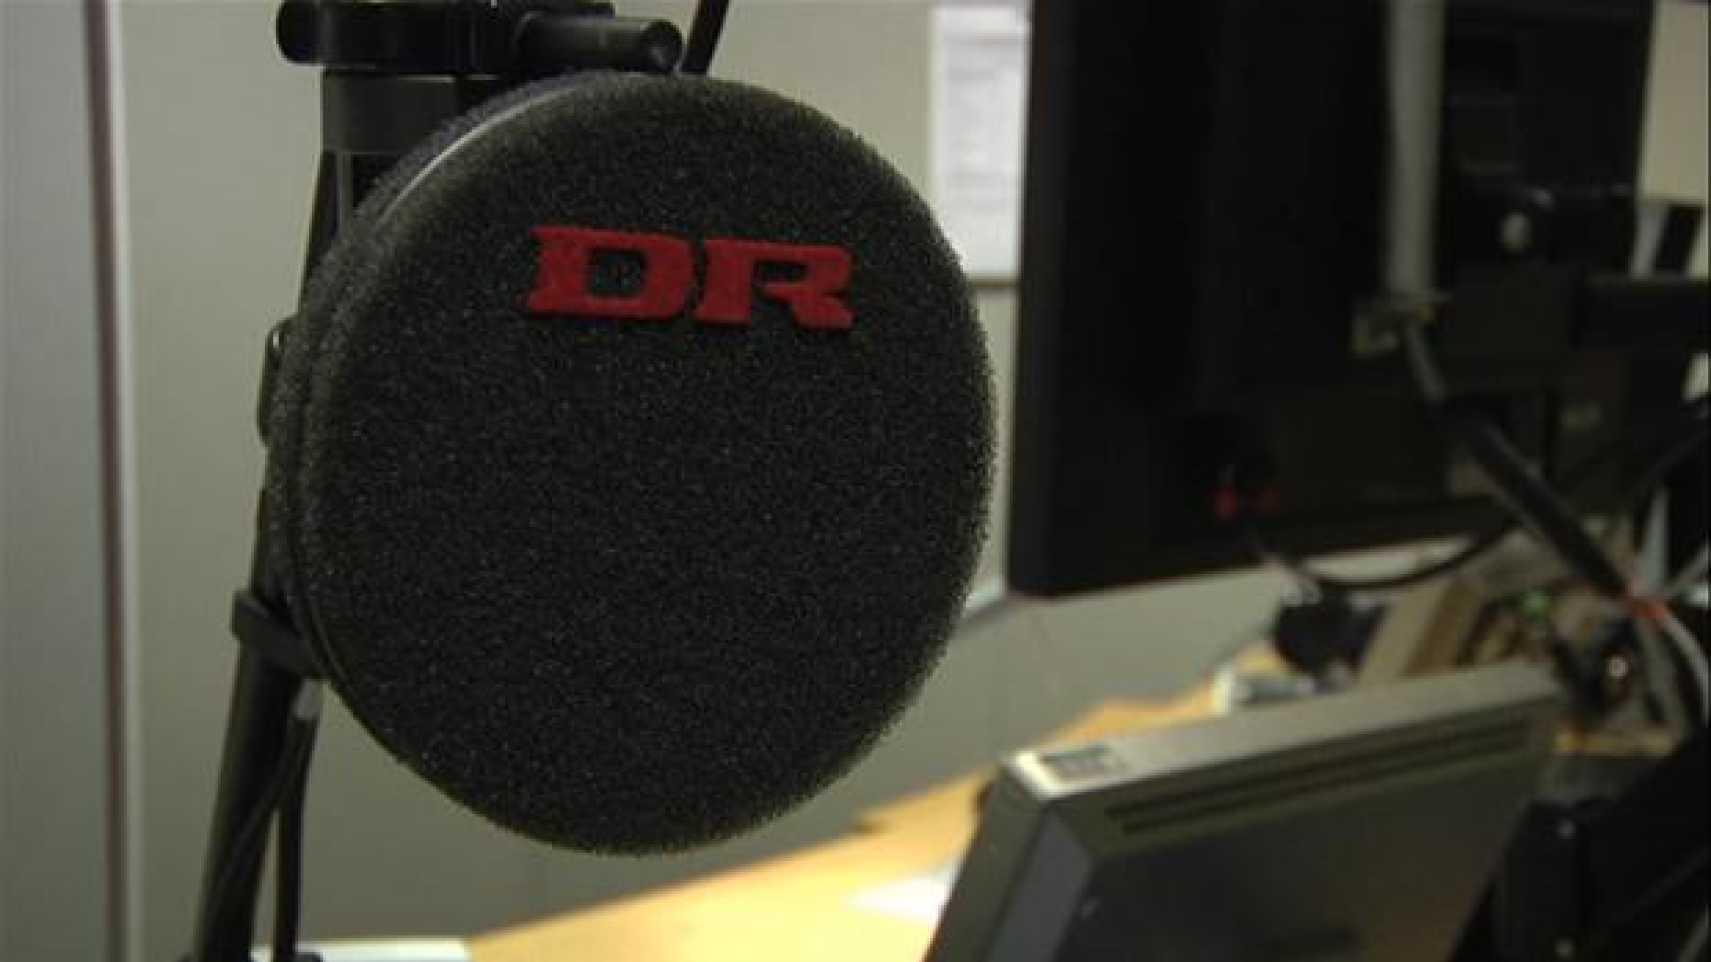 DR mikrofon pop filter